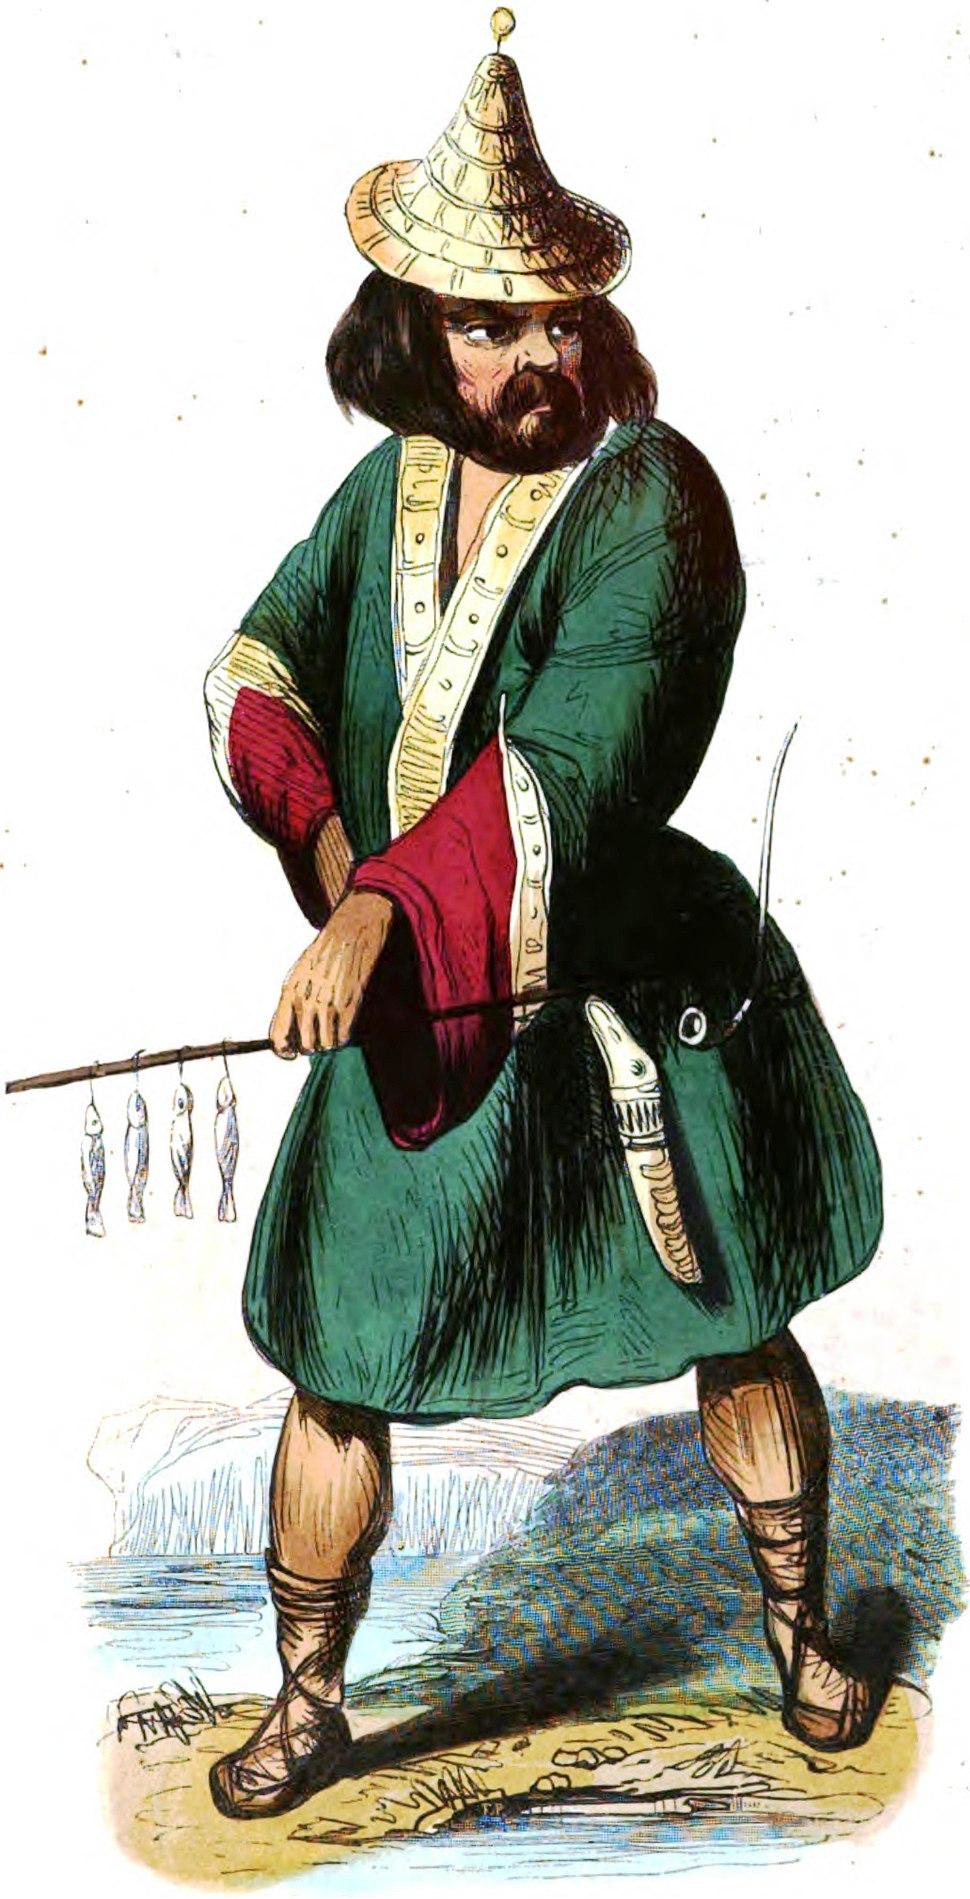 Ainos (Asie). Auguste Wahlen. Moeurs, usages et costumes de tous les peuples du monde. 1843